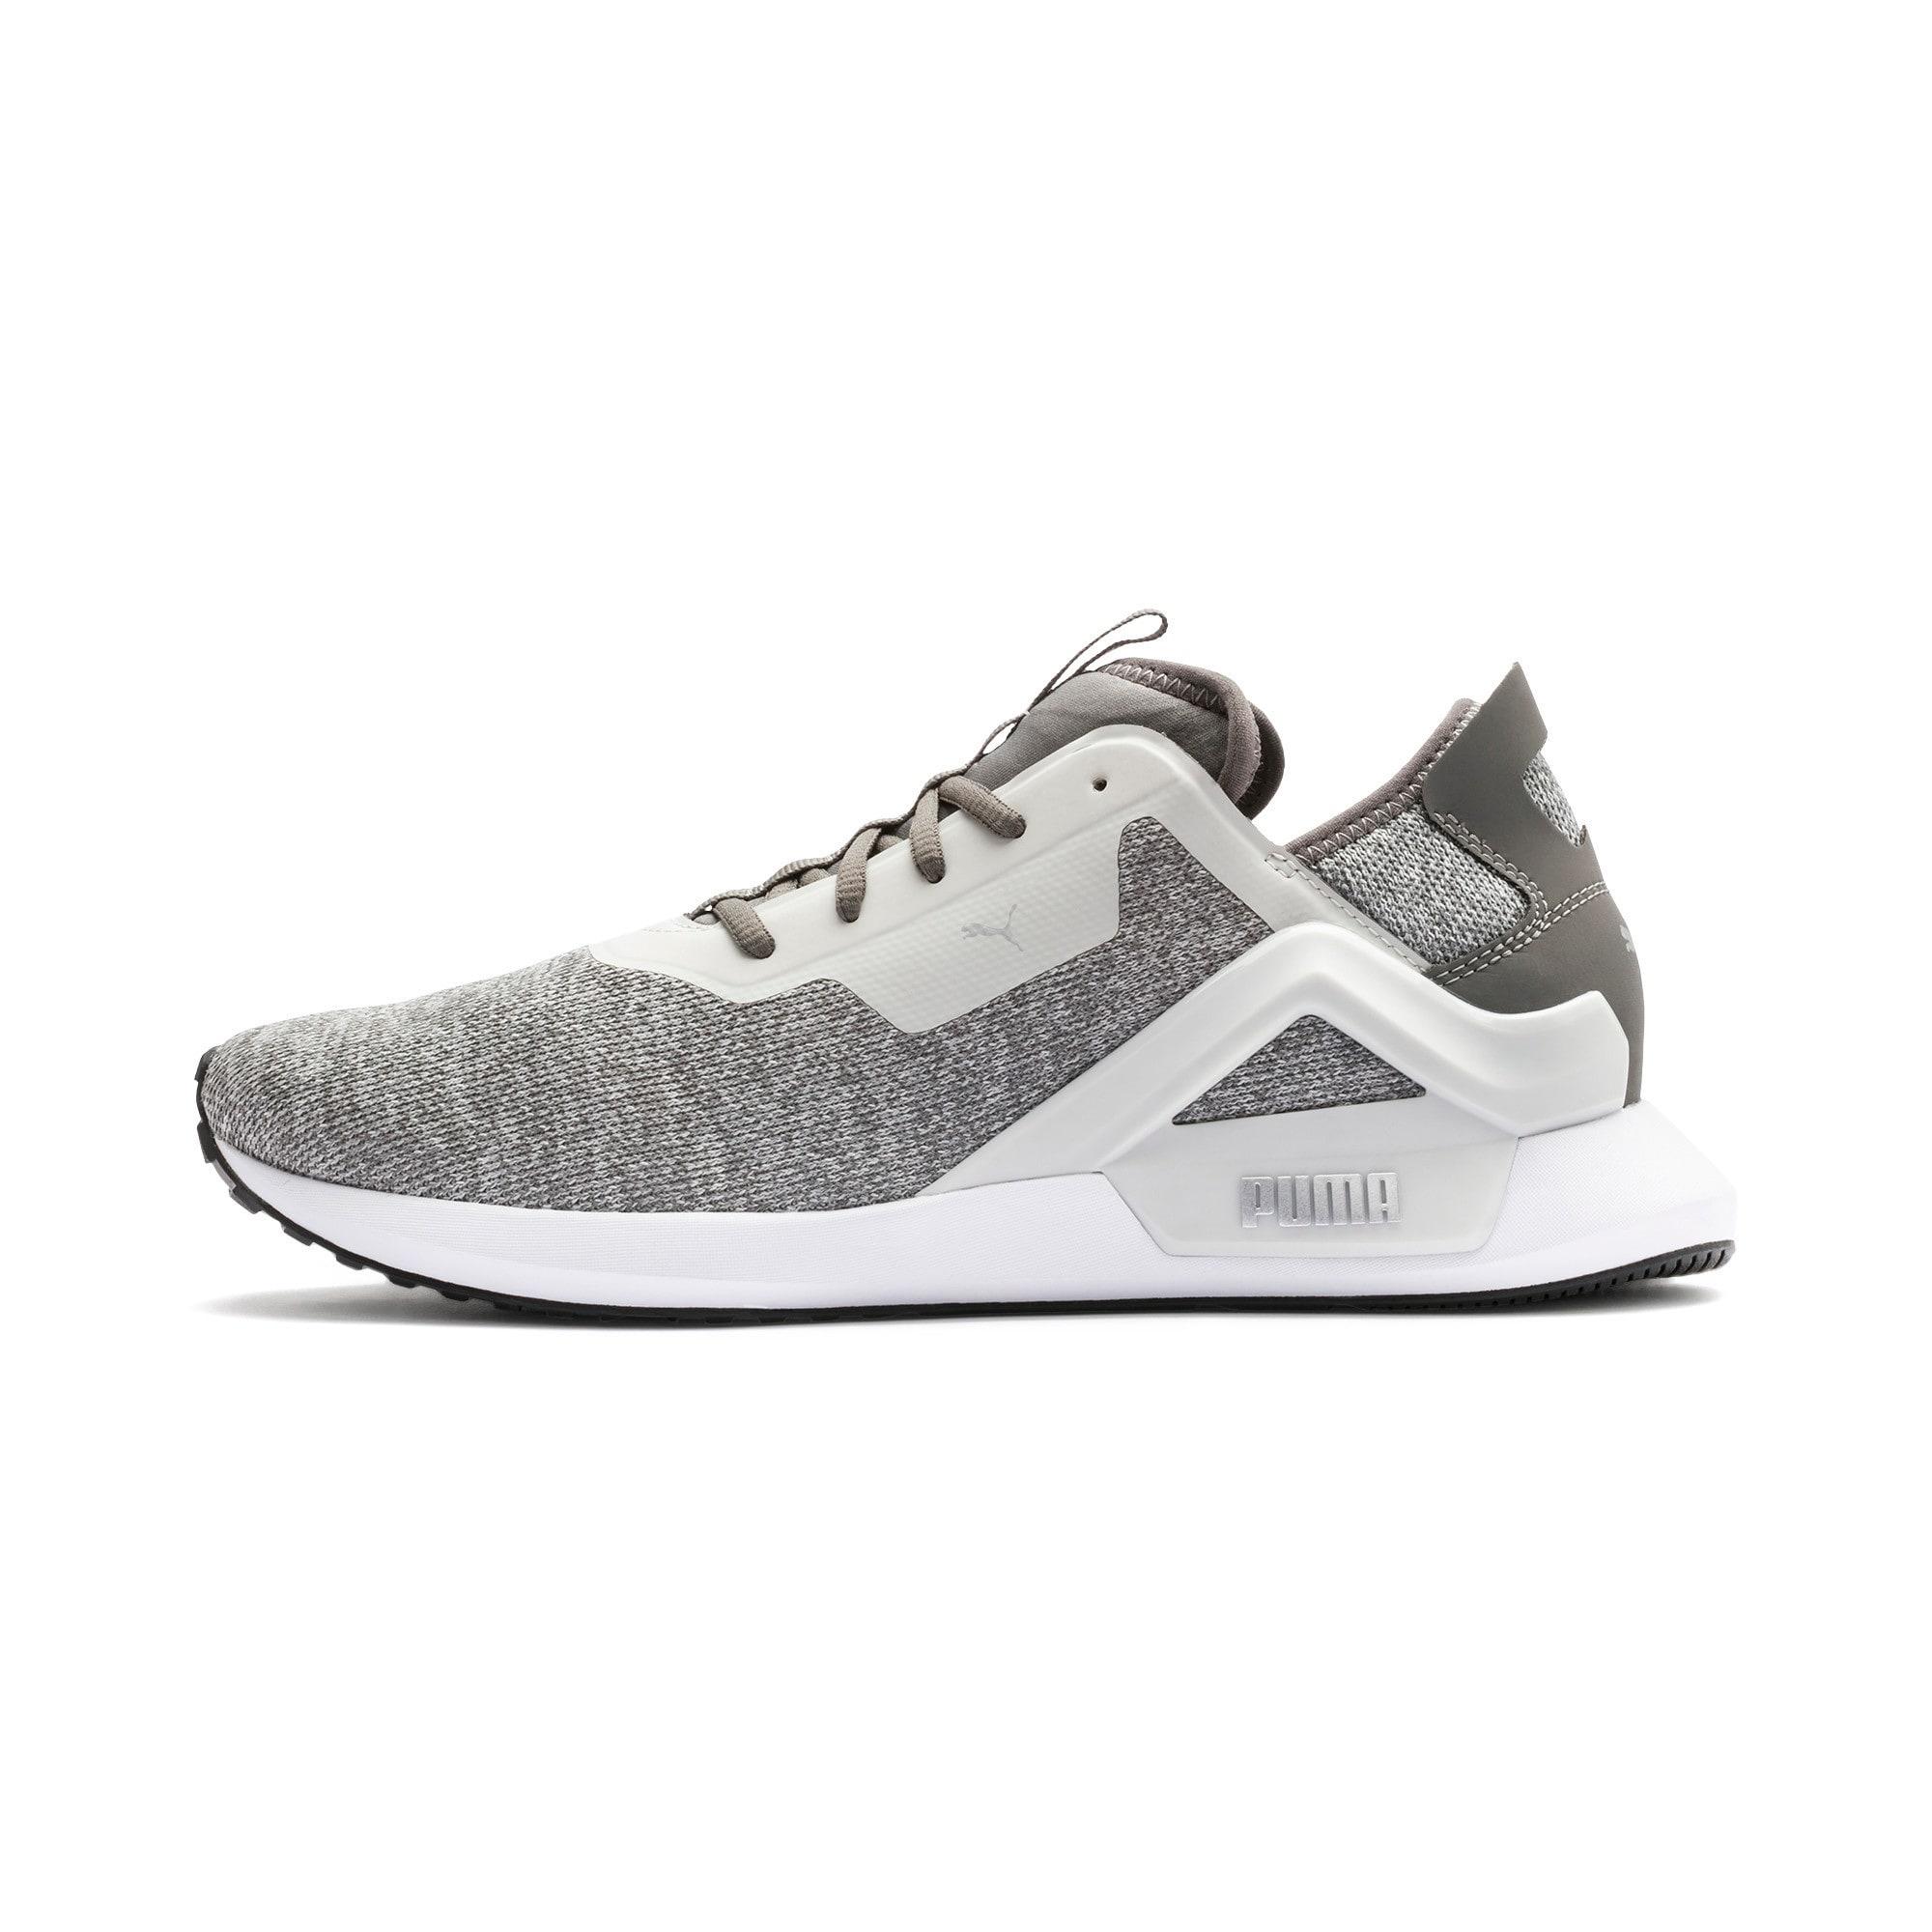 Miniatura 1 de Zapatos de entrenamiento Rogue X Knit para hombre, CASTLEROCK-Glacier Gray, mediano